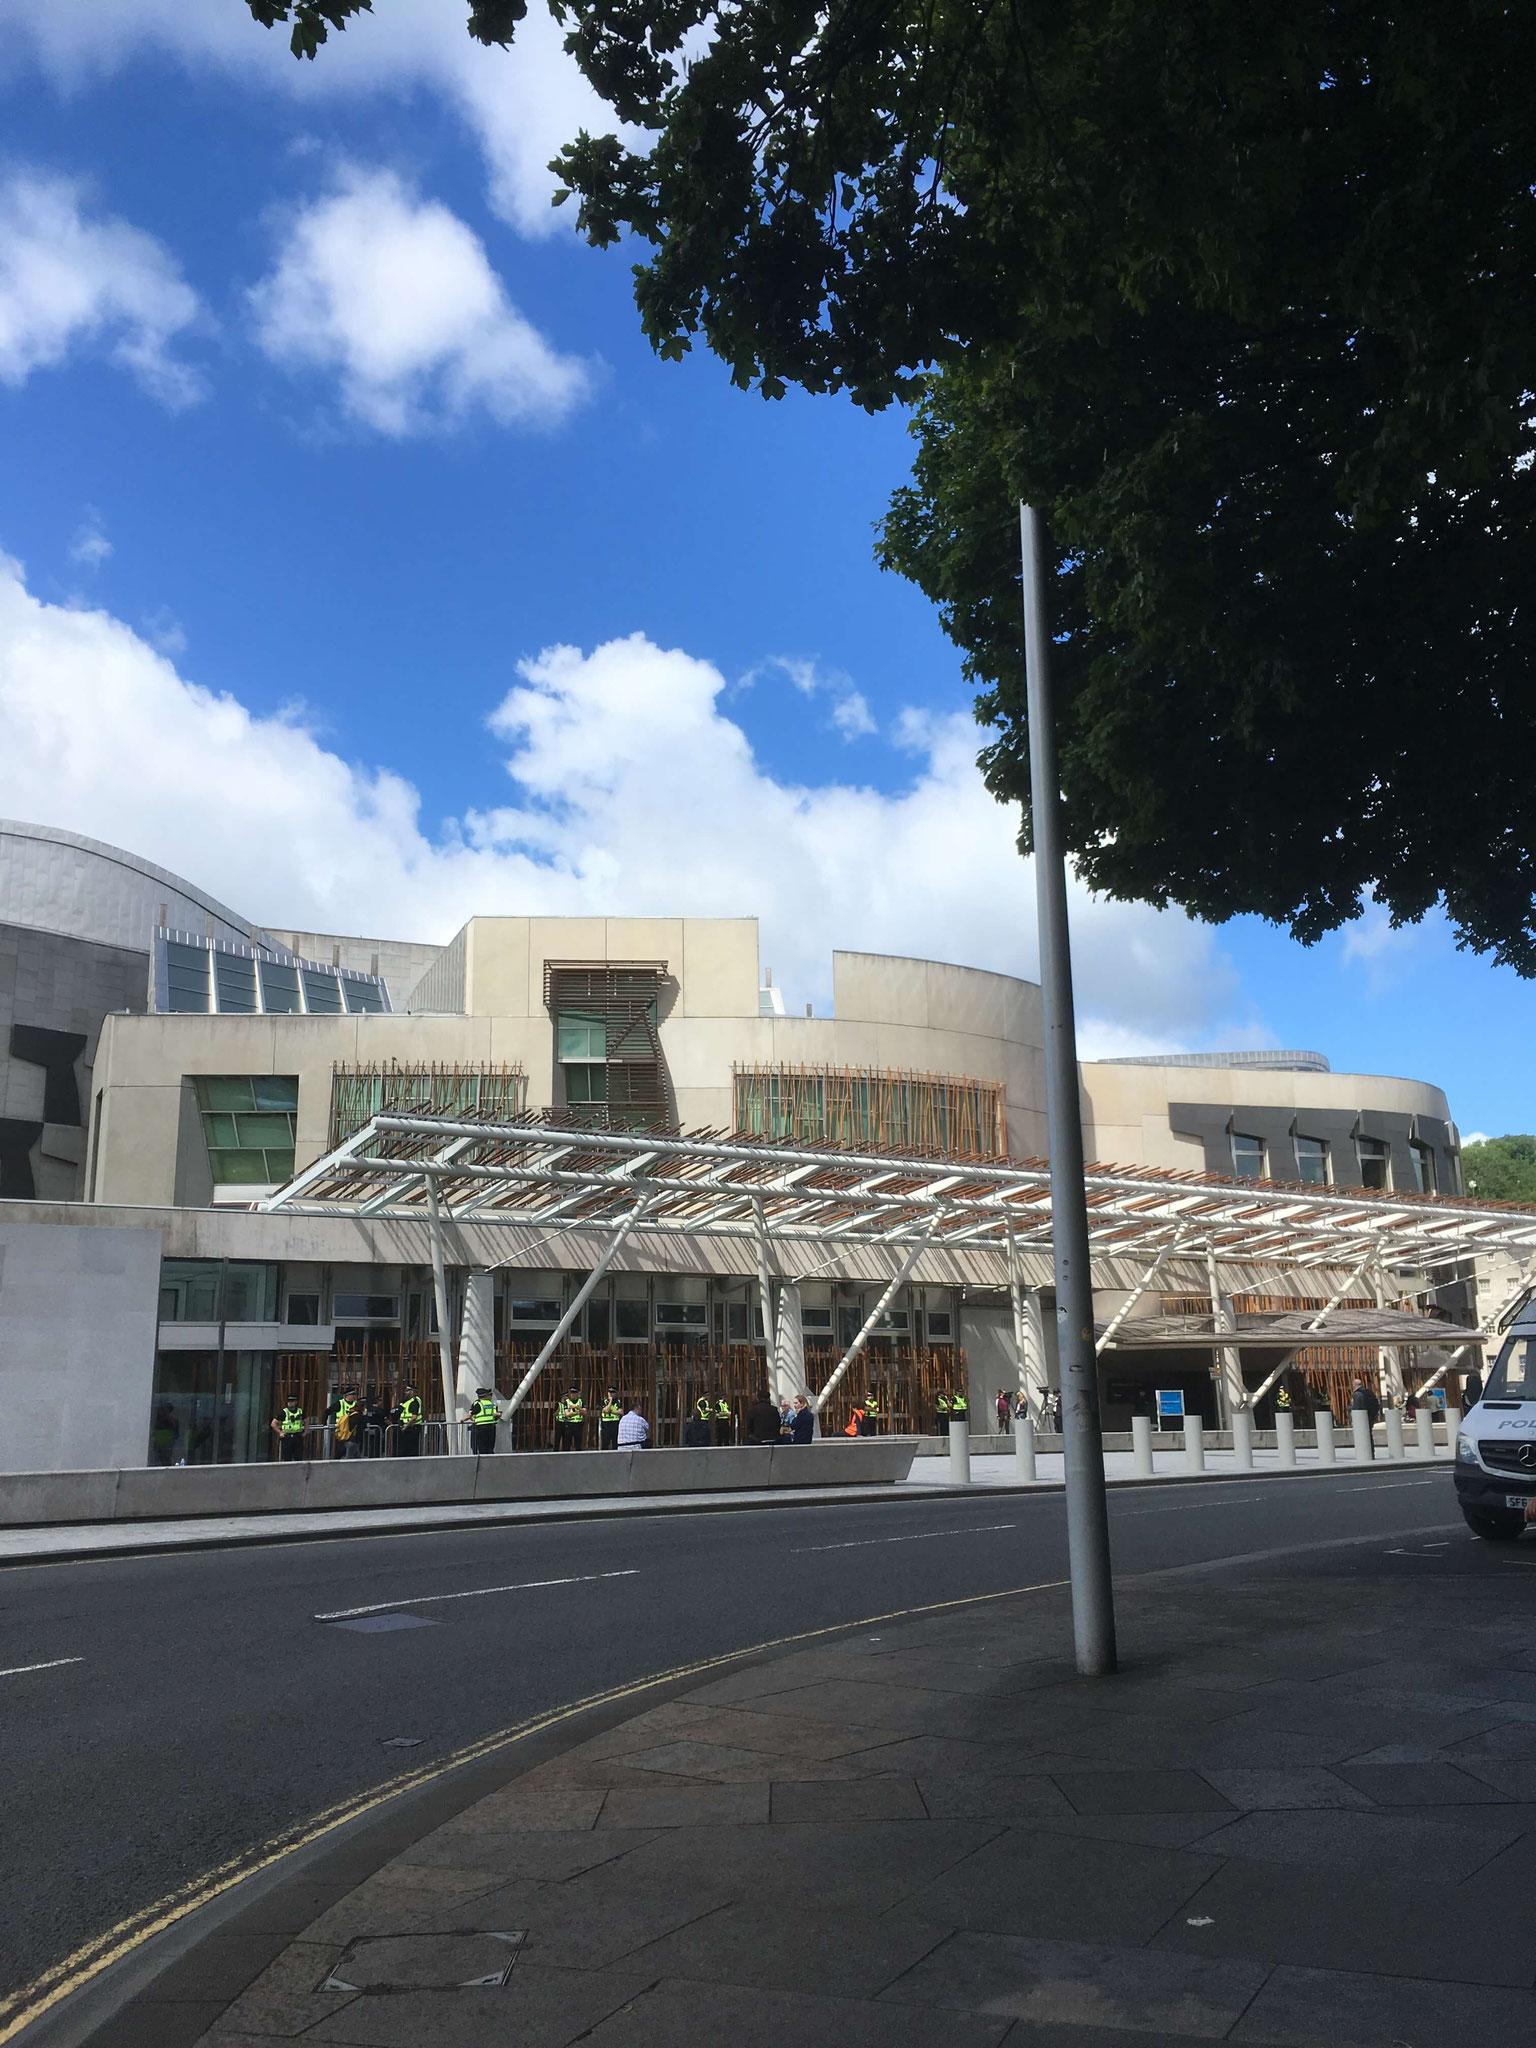 Scottish Parliament in Edinburgh